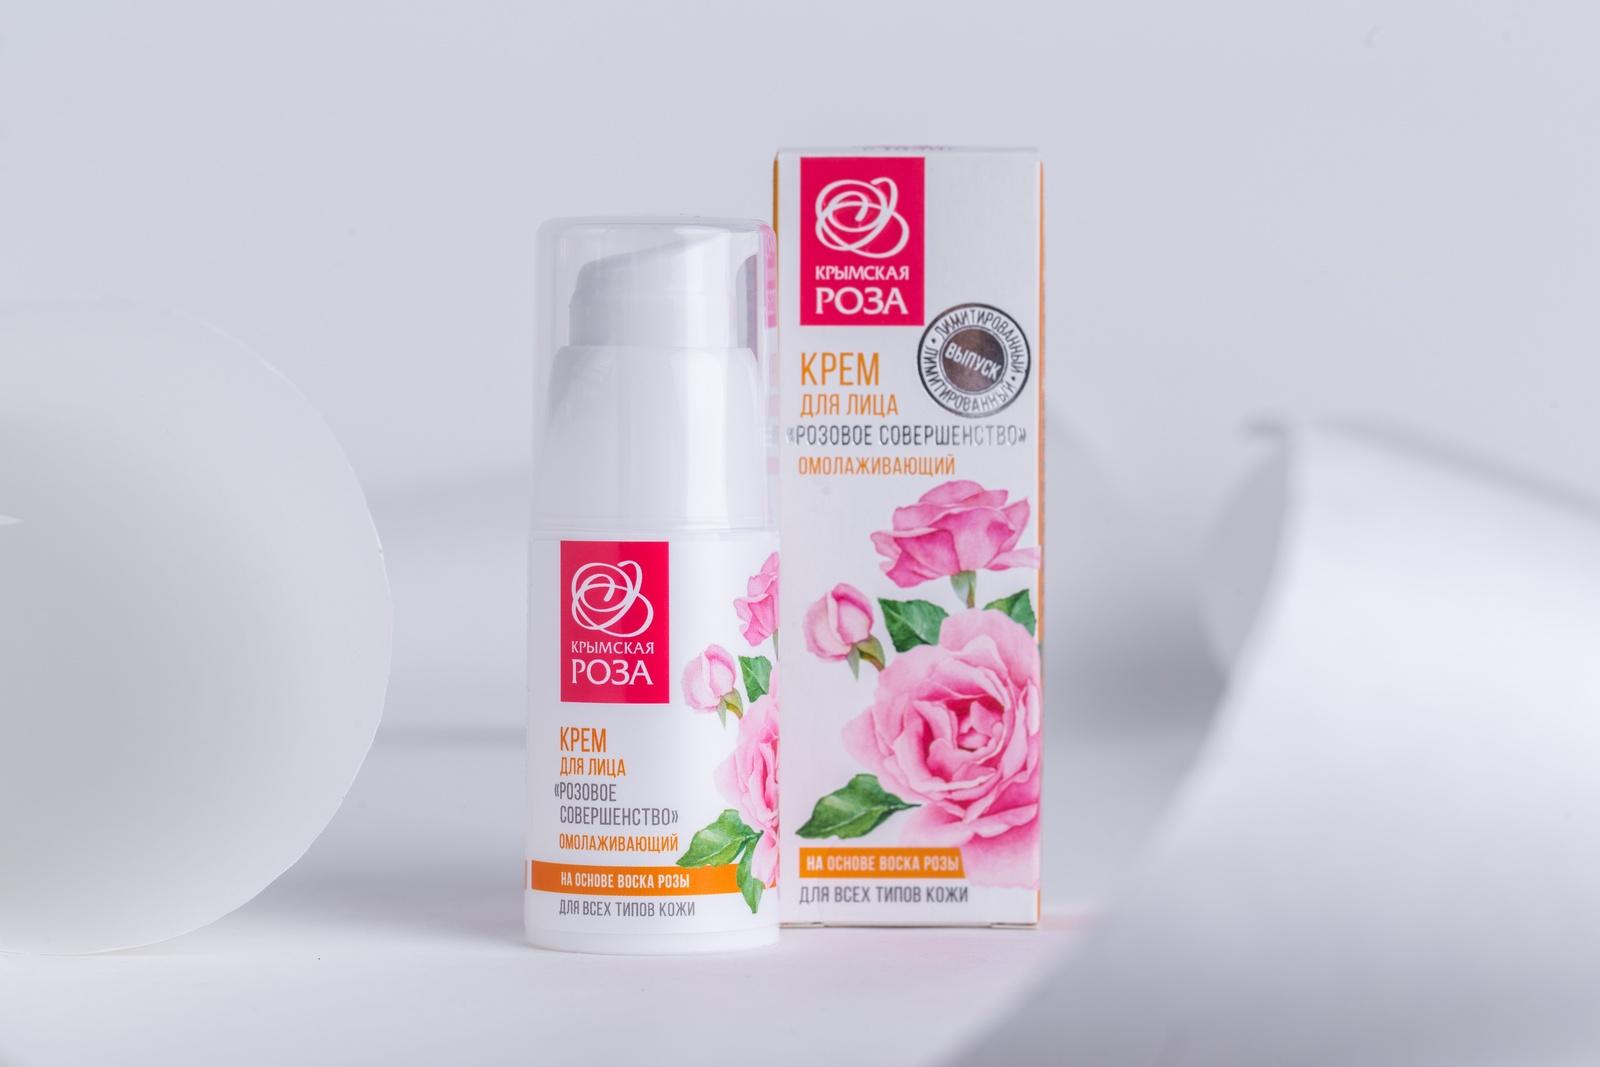 Крем для ухода за кожей Крымская роза Крем для лица Розовое Совершенство, 30 мл Крымская роза